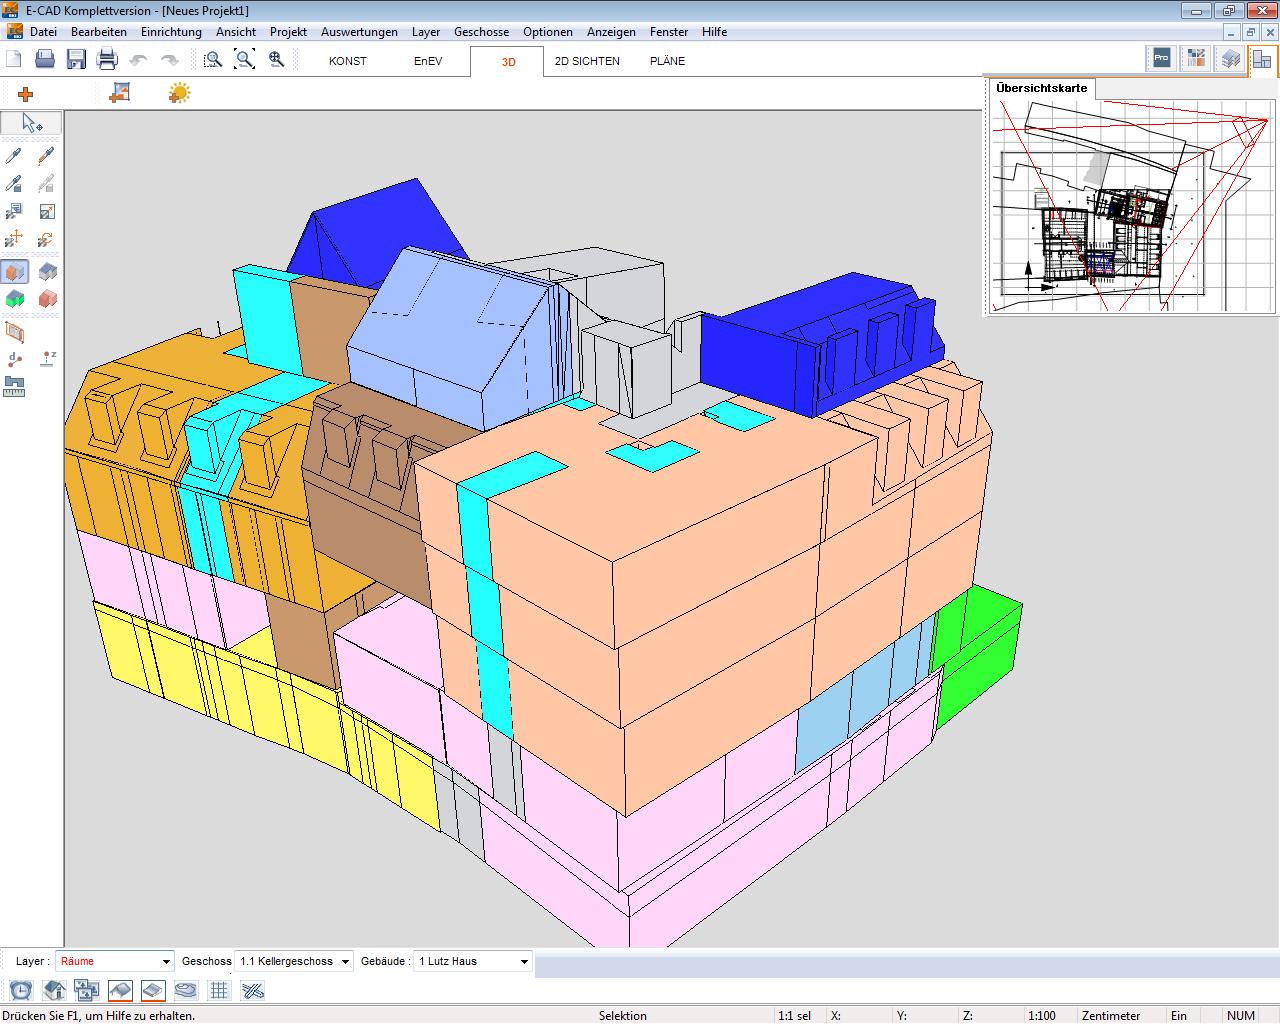 Ein 3D Modell Aus E CAD Vermittelt Jedem Bauherrn Eine Genaue Räumliche  Vorstellung Seines Gebäudes.